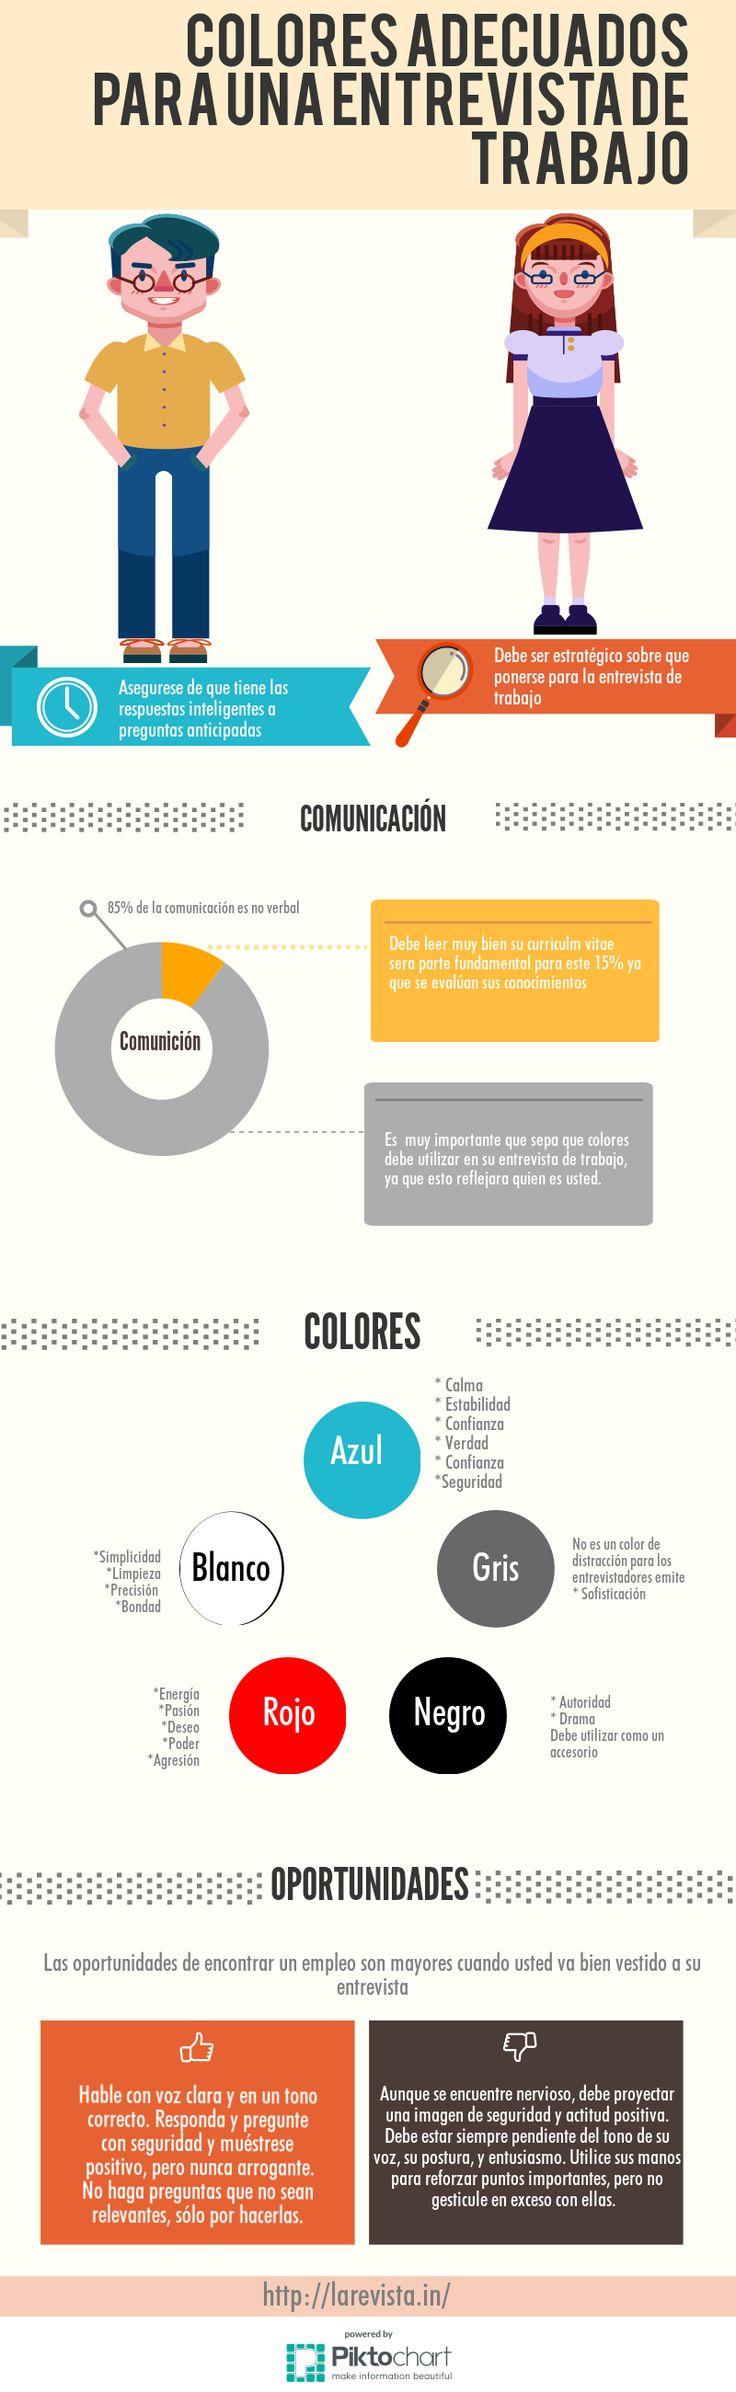 Colores adecuados para una entrevista de trabajo #infografia Repiined http://rmichaeldavies.com/